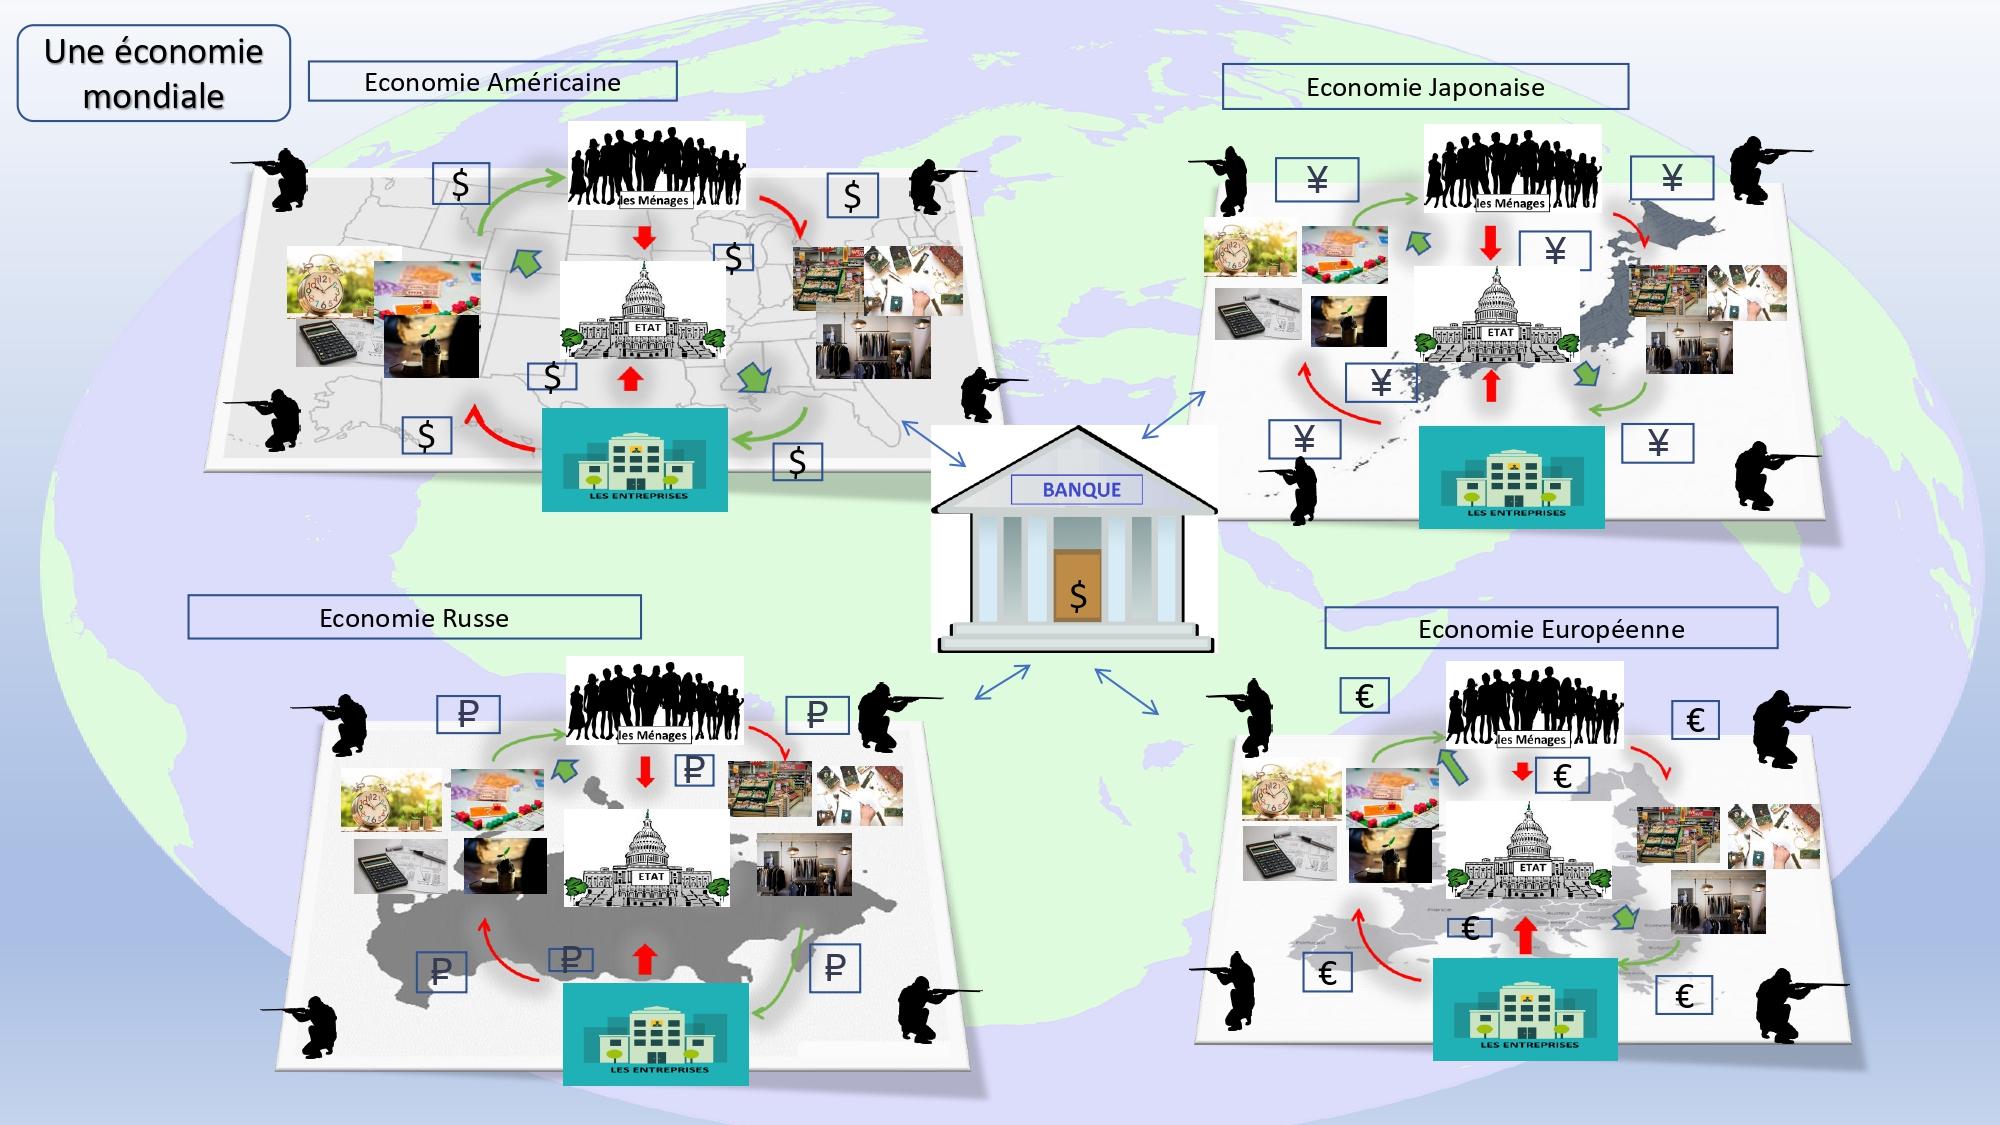 Schématisation de l'économie mondiale,